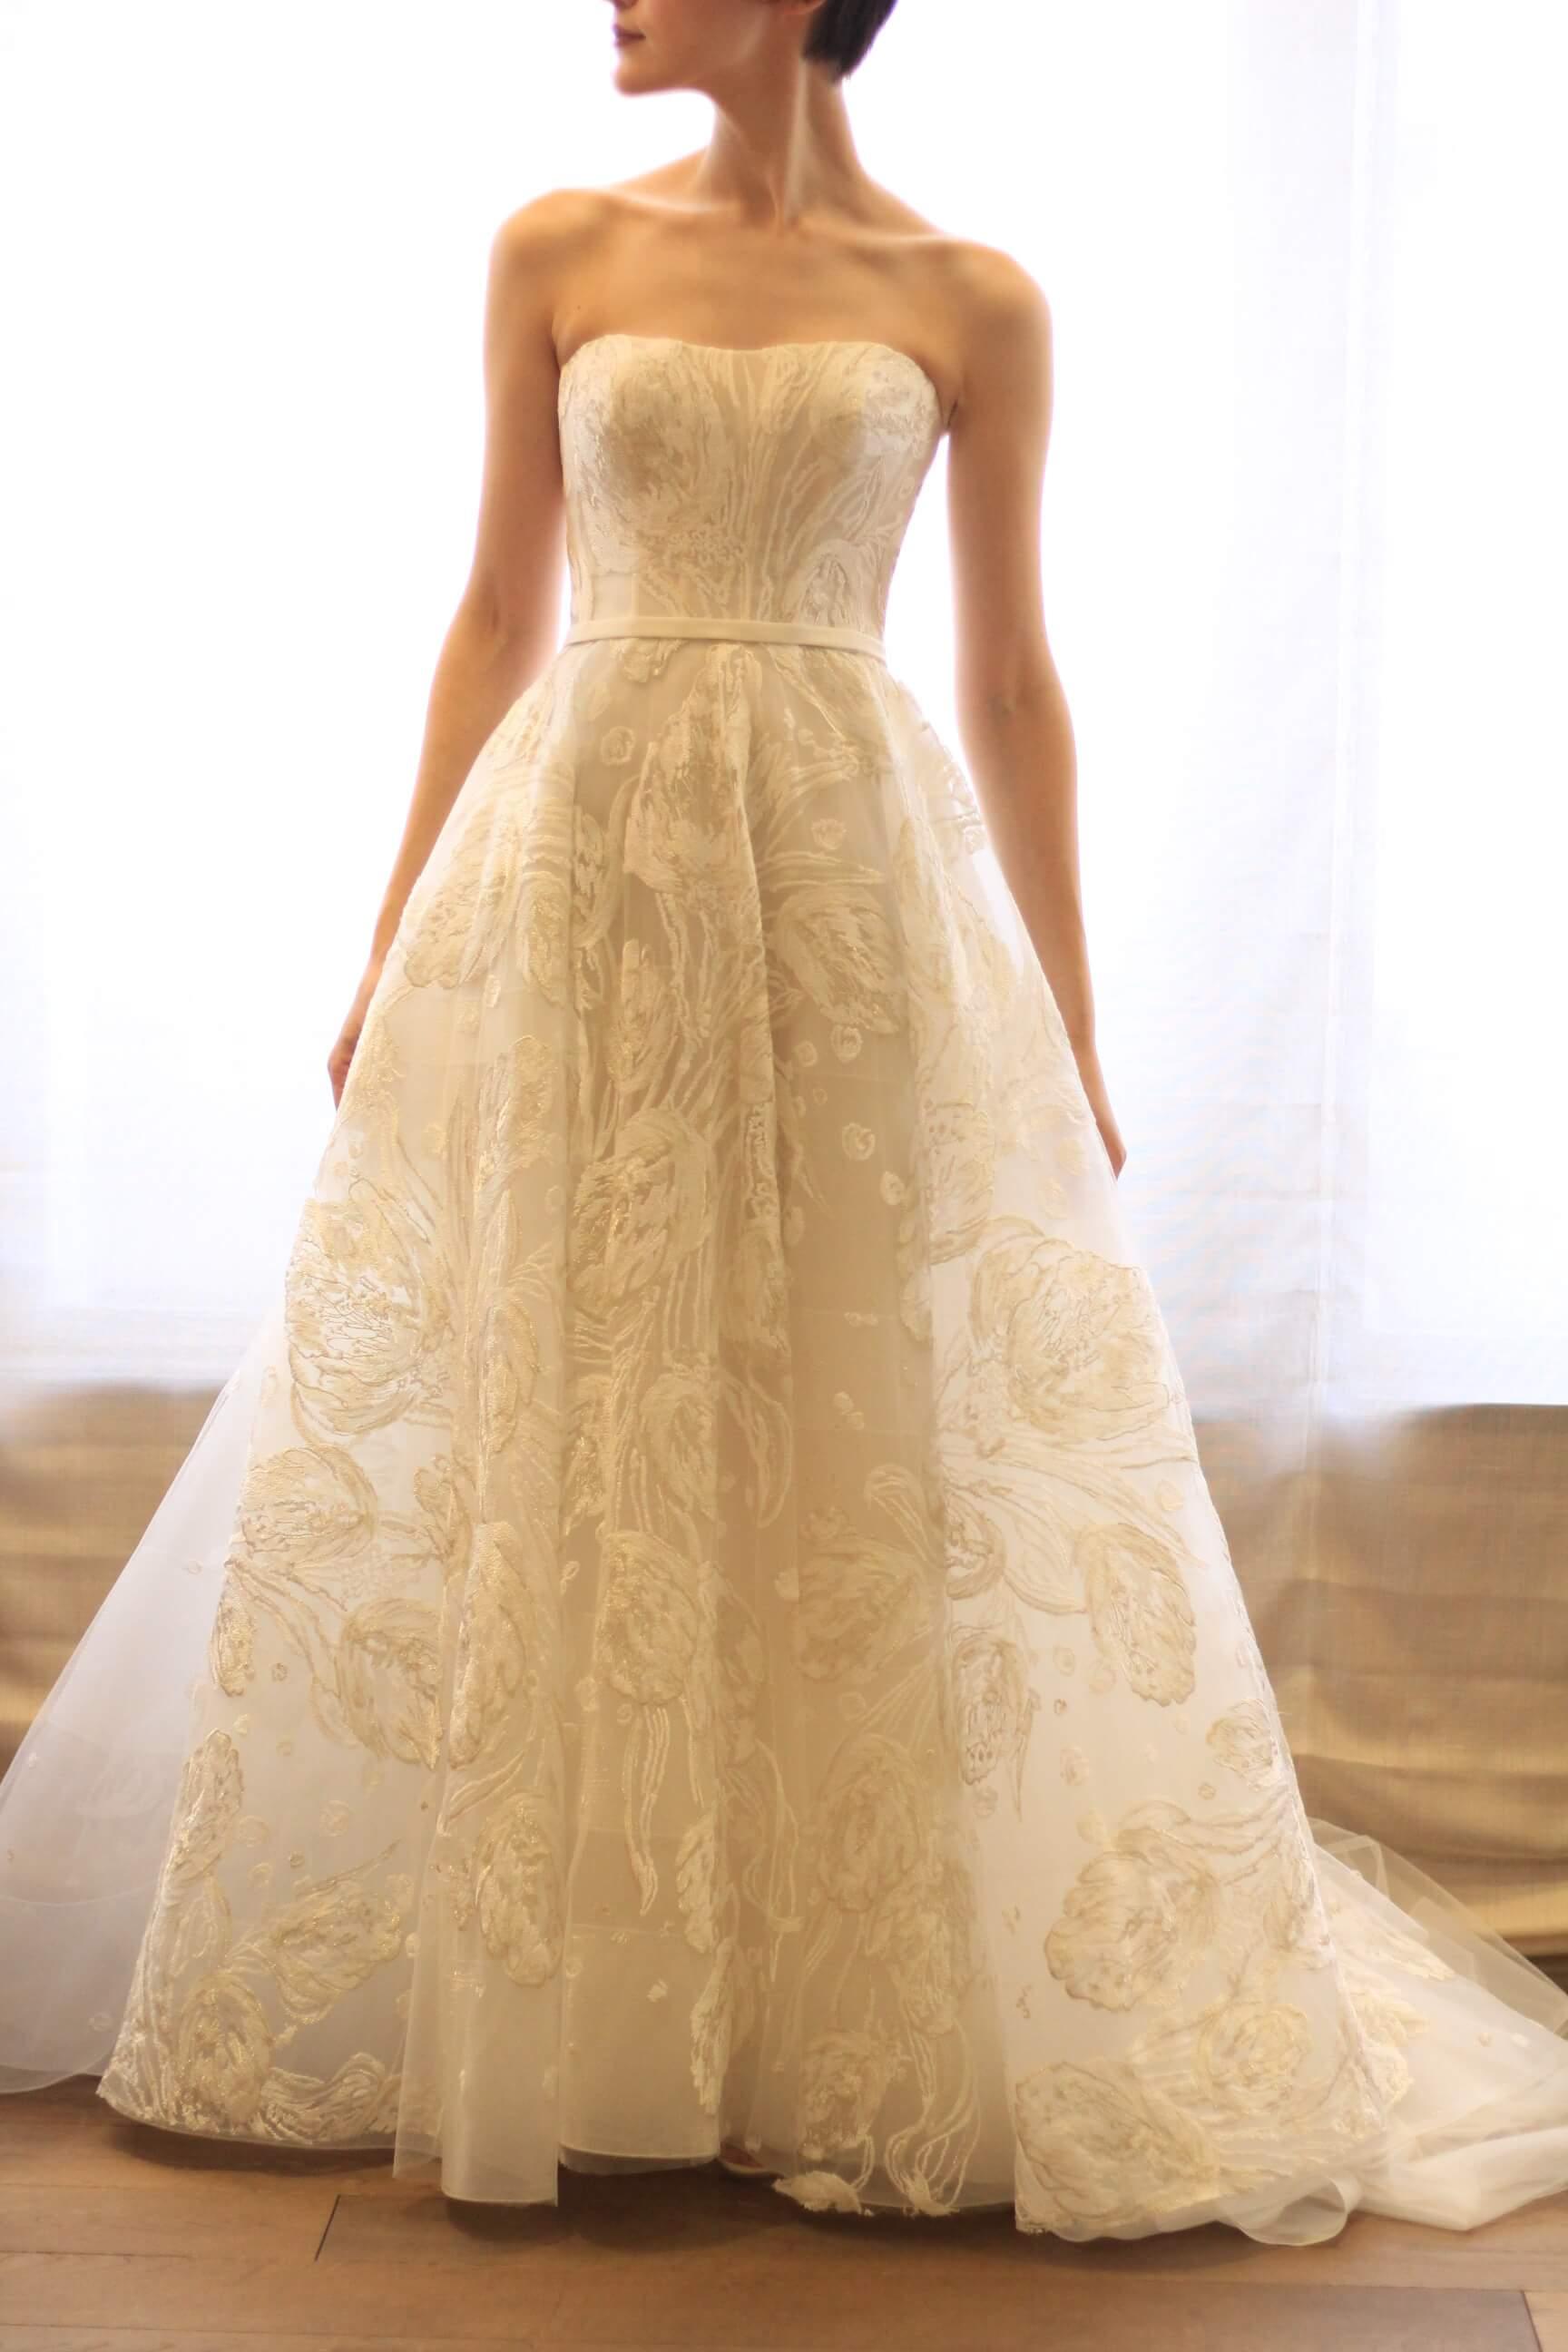 マークイングラムが手掛ける新作ドレスブランドマークイングラムマークイングラムフォーヴァレンティーニのウェディングドレス